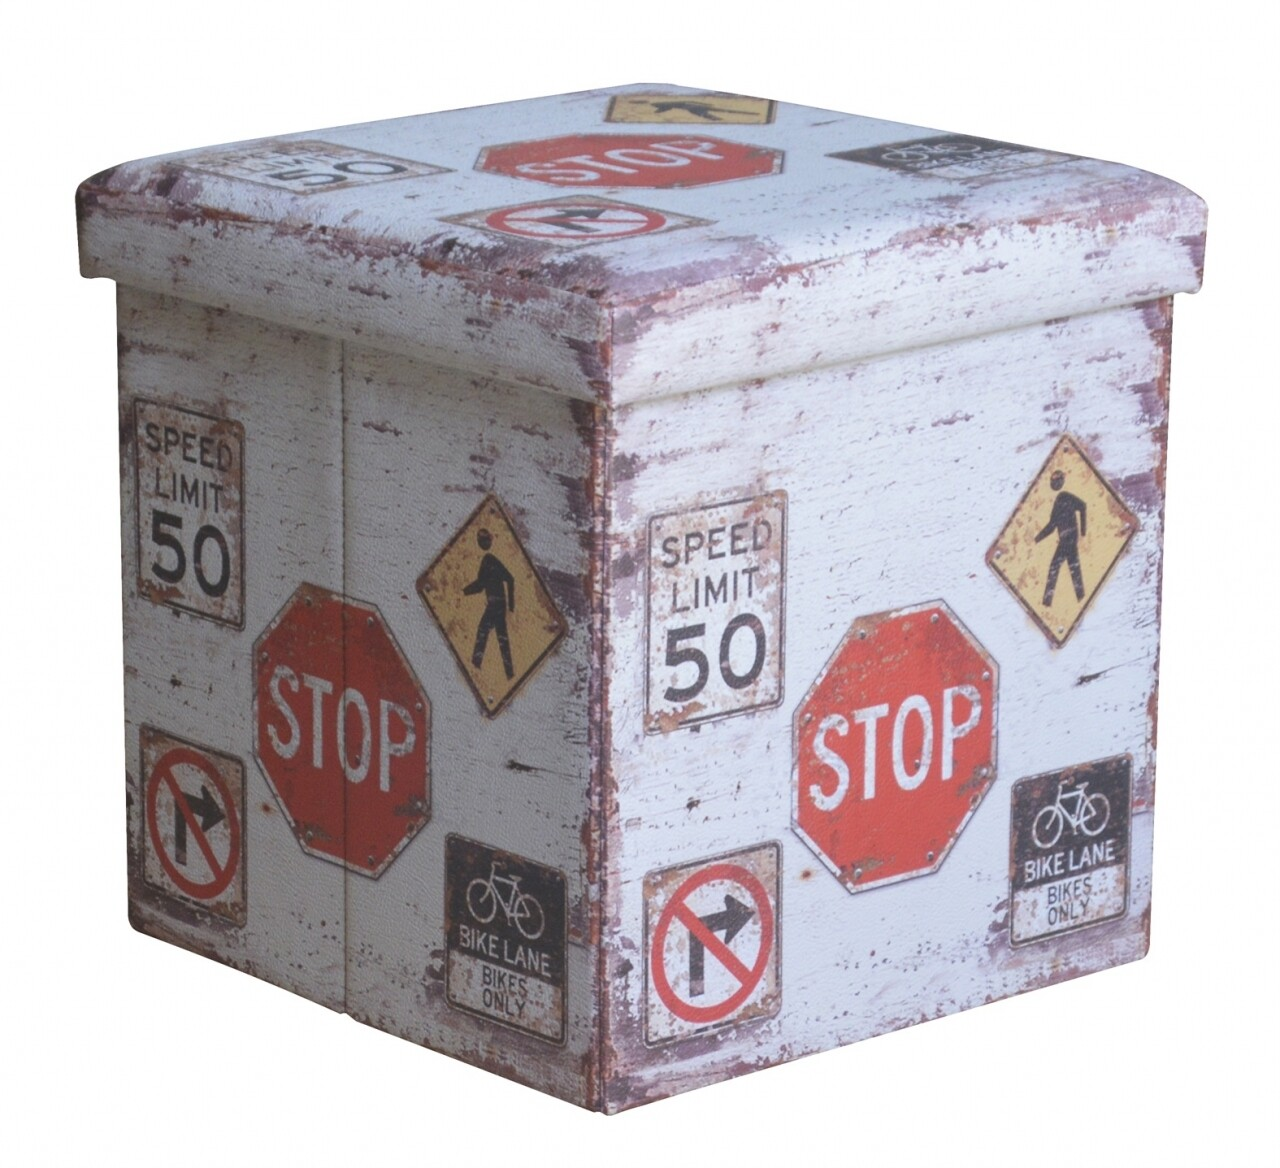 Taburet pliabil cu spatiu de depozitare Stop, Heinner Home, 37.5 x 38 x 38 cm, PVC, multicolor